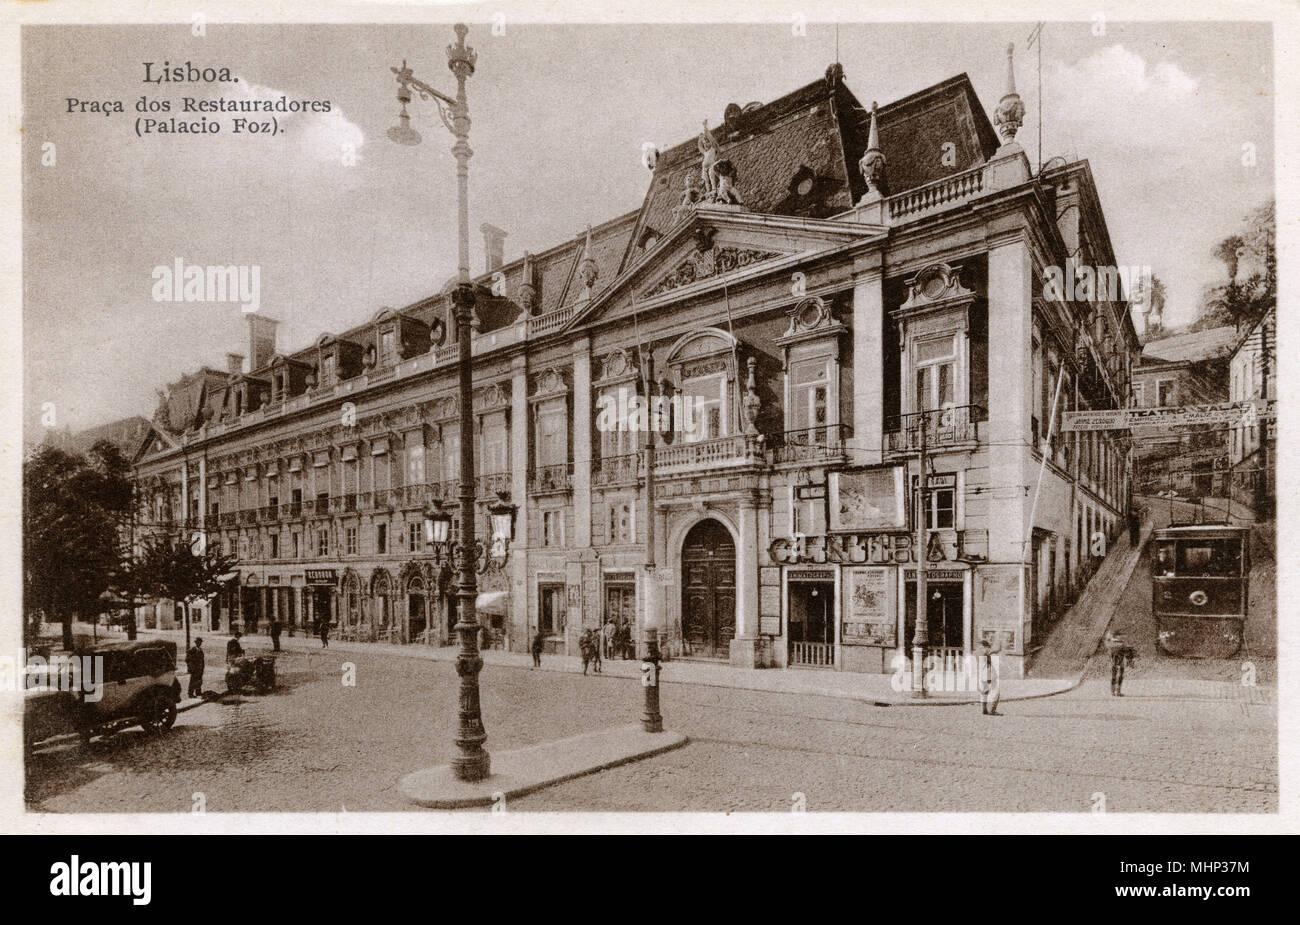 Palacio Foz, Praca dos Restauradores (Restoration Square), Lisbon, Portugal.      Date: circa 1910 - Stock Image